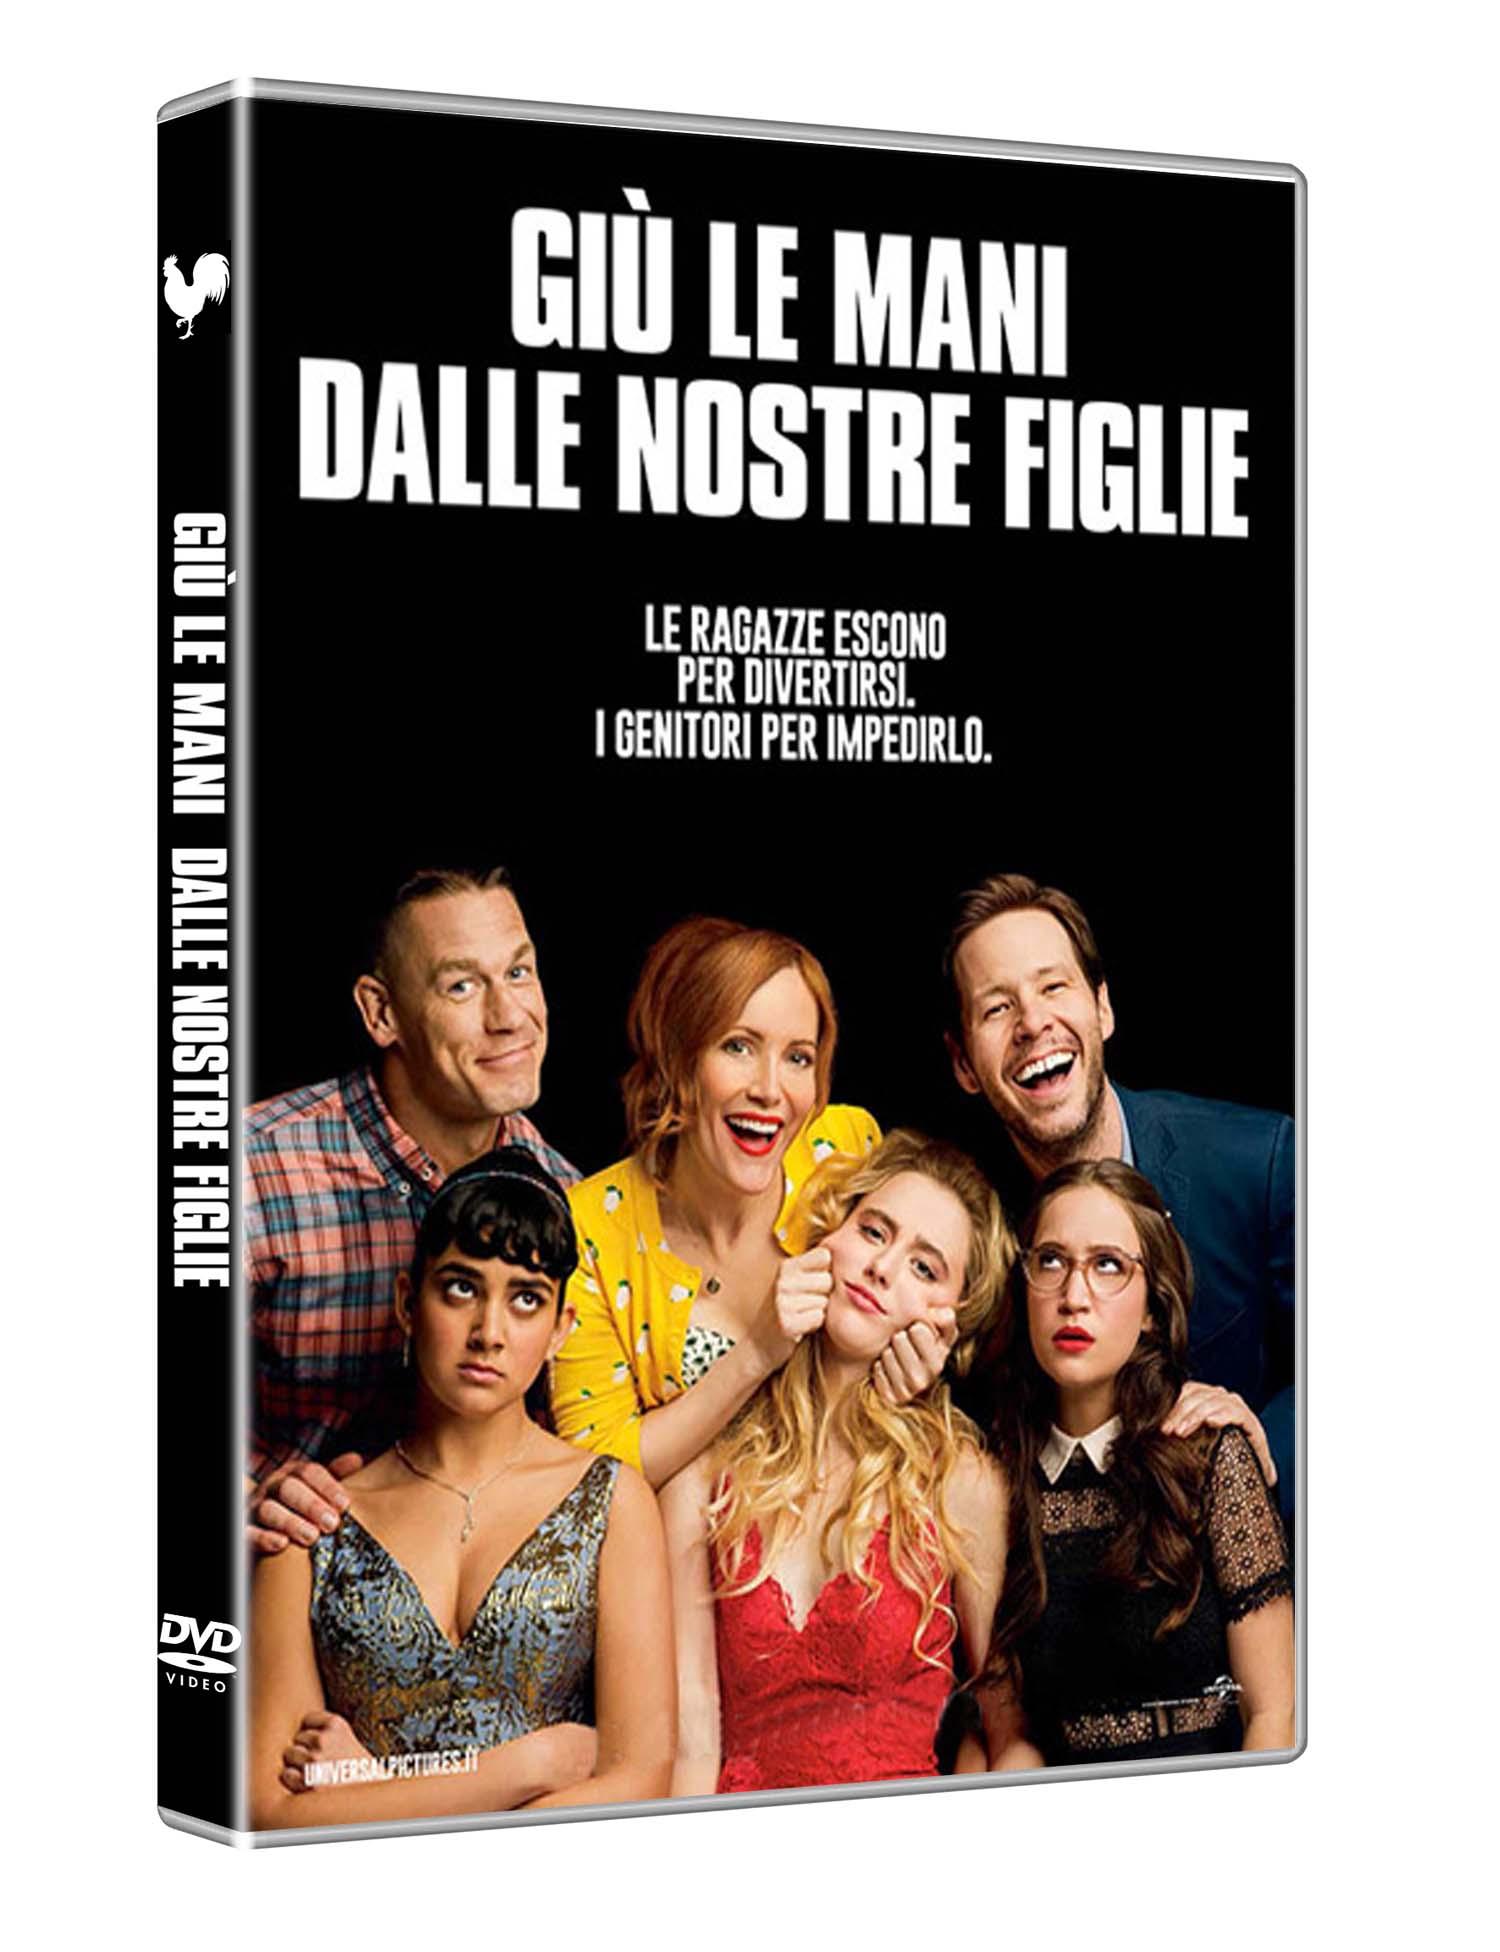 GIU' LE MANI DALLE NOSTRE FIGLIE (DVD)